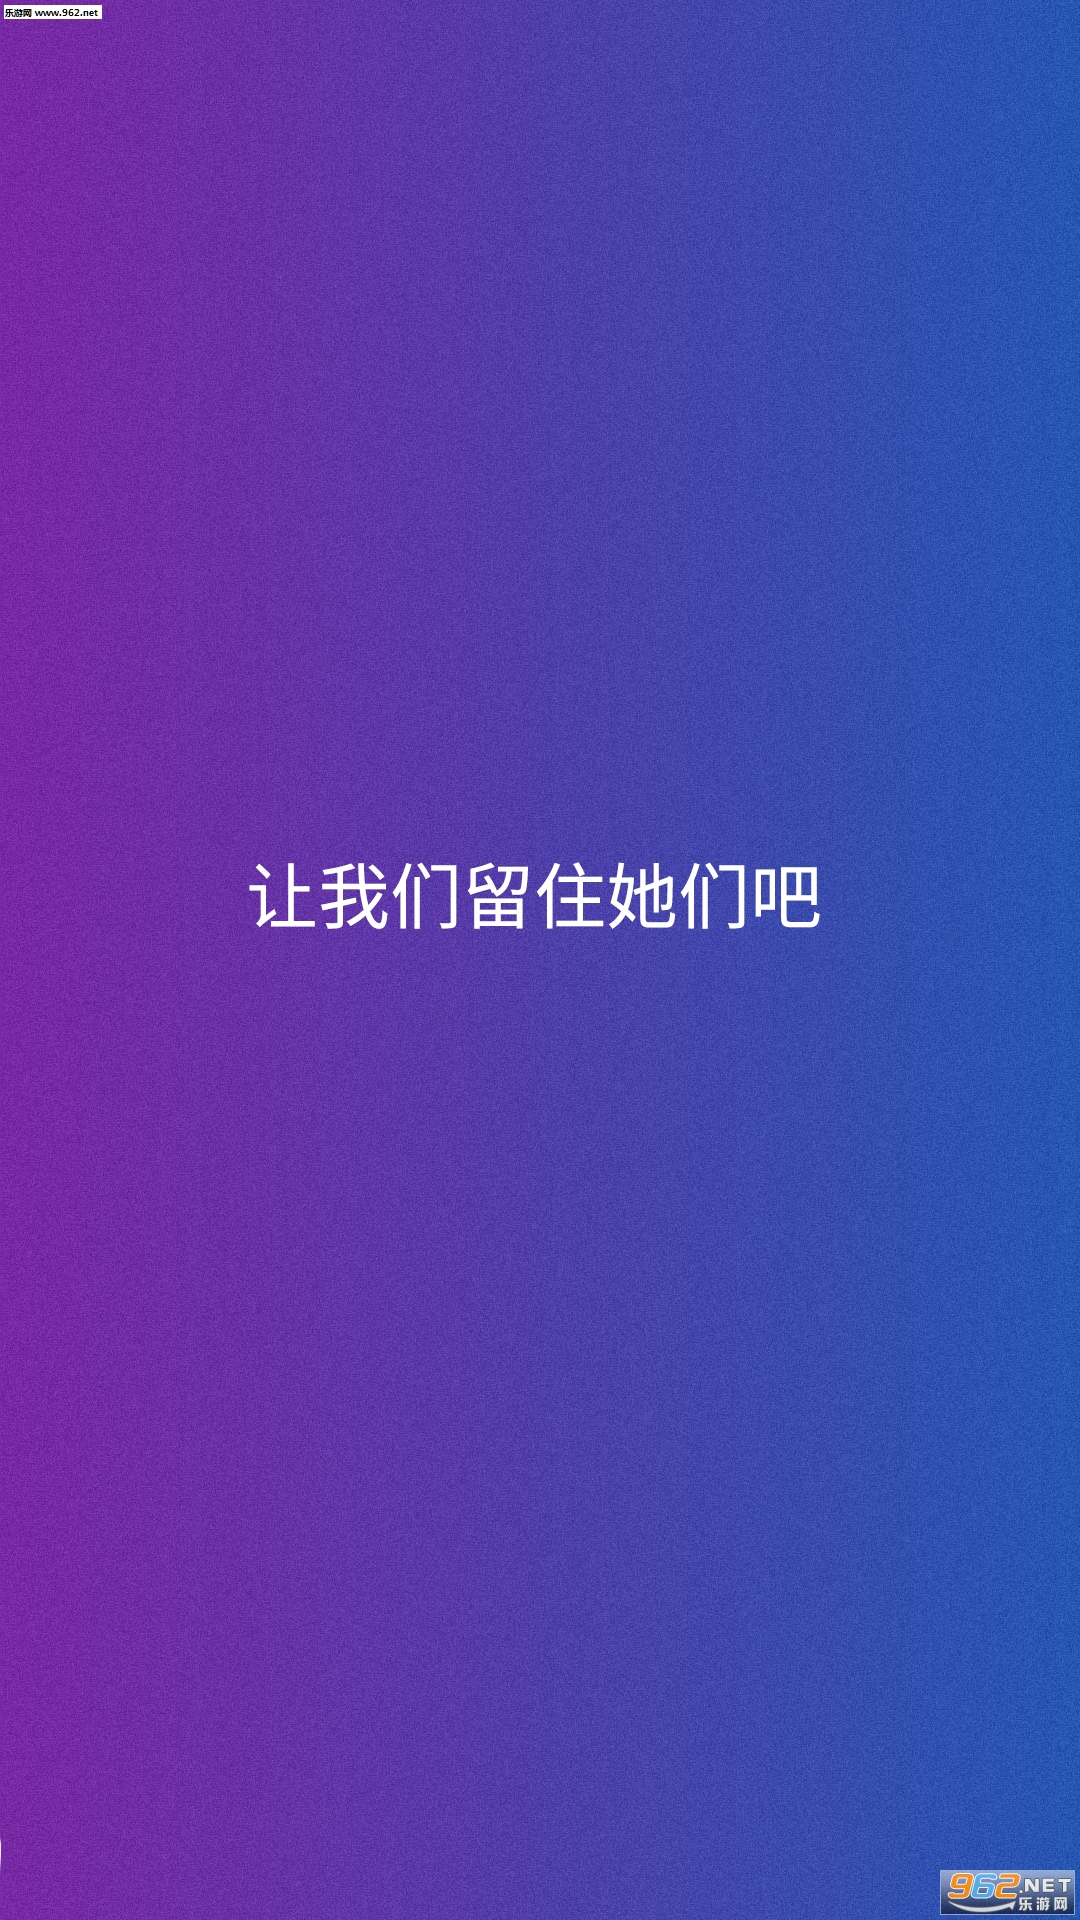 流光飞逝安卓版v1.2截图1